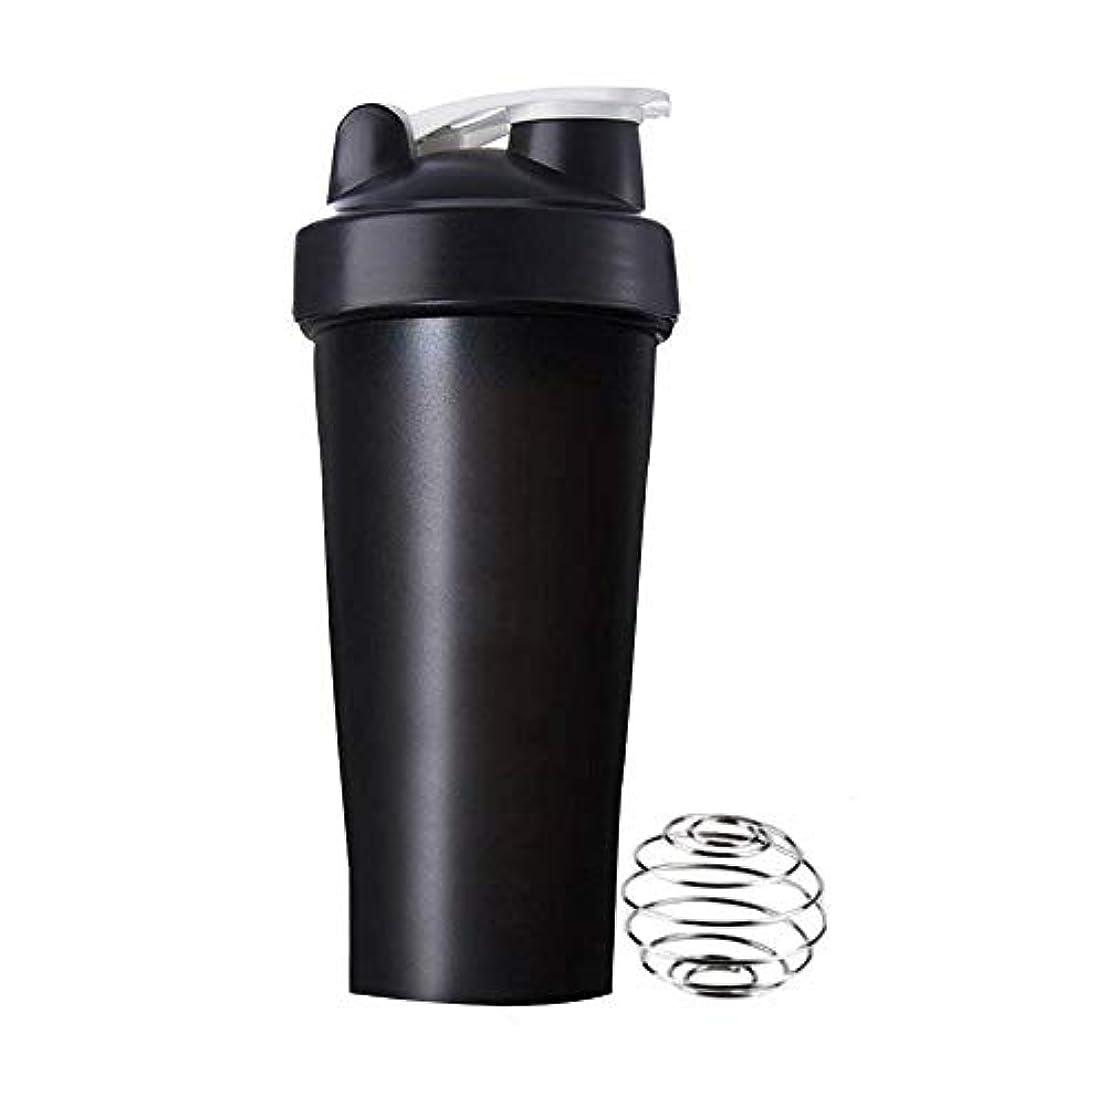 被害者過激派温帯Roman Center プロテインシェイカー 直飲み プラスチックウォーターボトル ジム シェーカーボトル 600ml